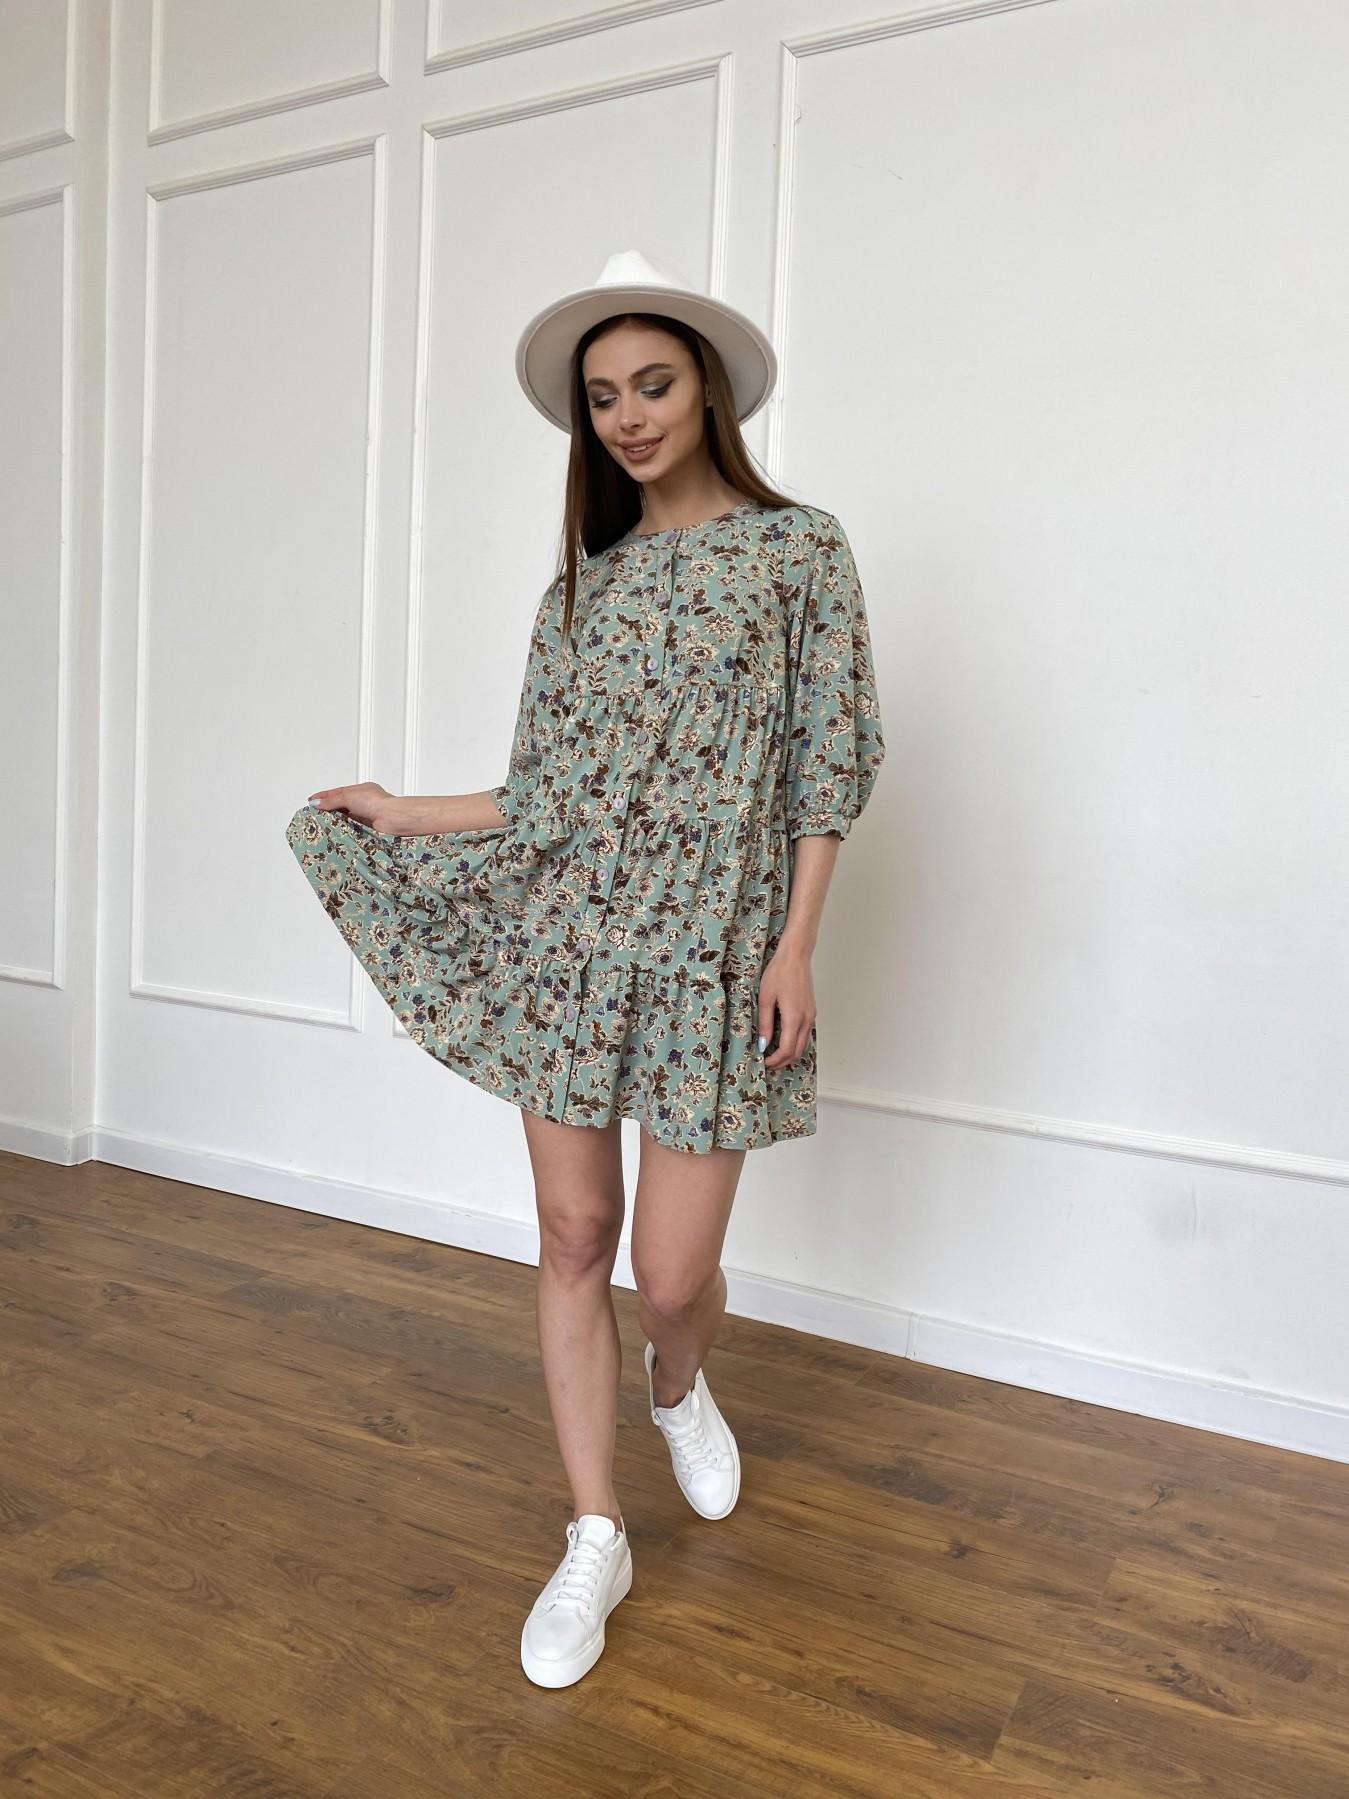 Берри платье из ткани софт в принт 11211 АРТ. 47722 Цвет: Олива/бежевый, Цветы - фото 3, интернет магазин tm-modus.ru